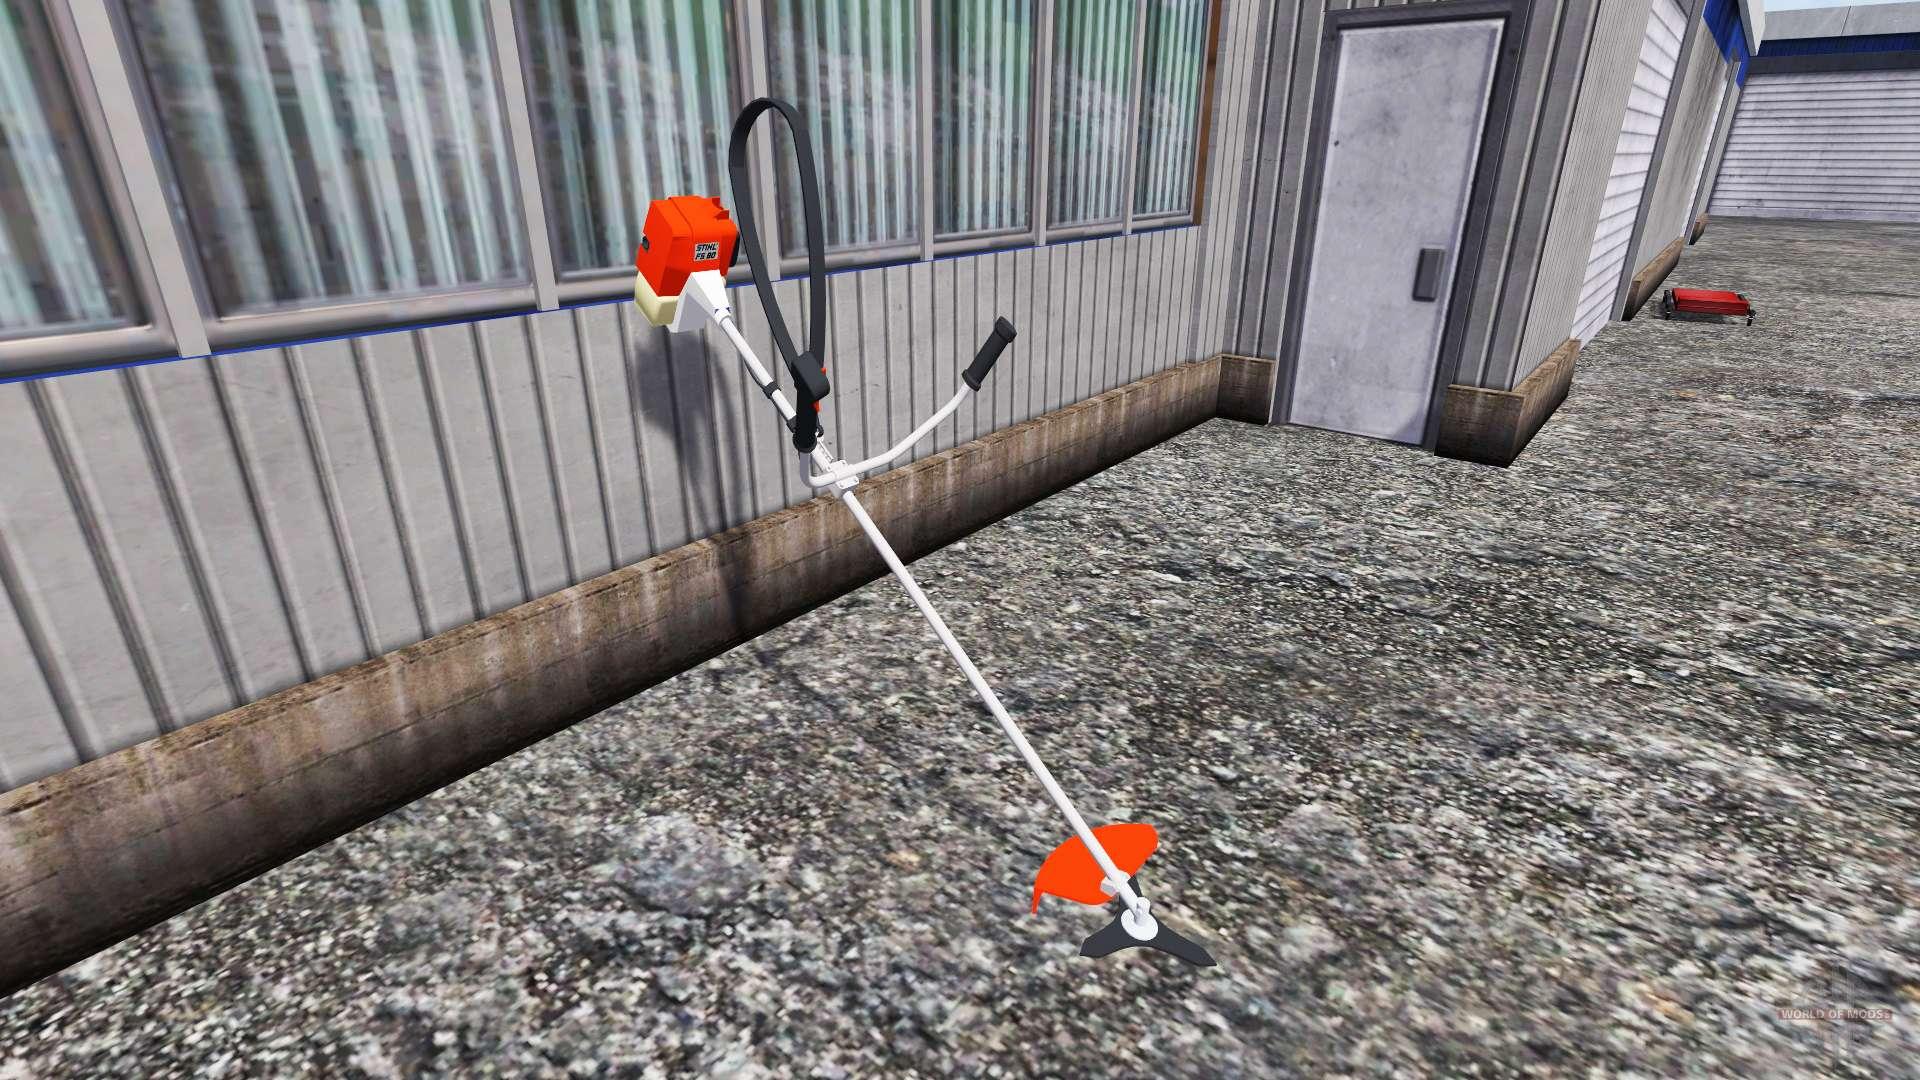 Stihl fs 80 for farming simulator 2015 - Stihl fs 80 ...